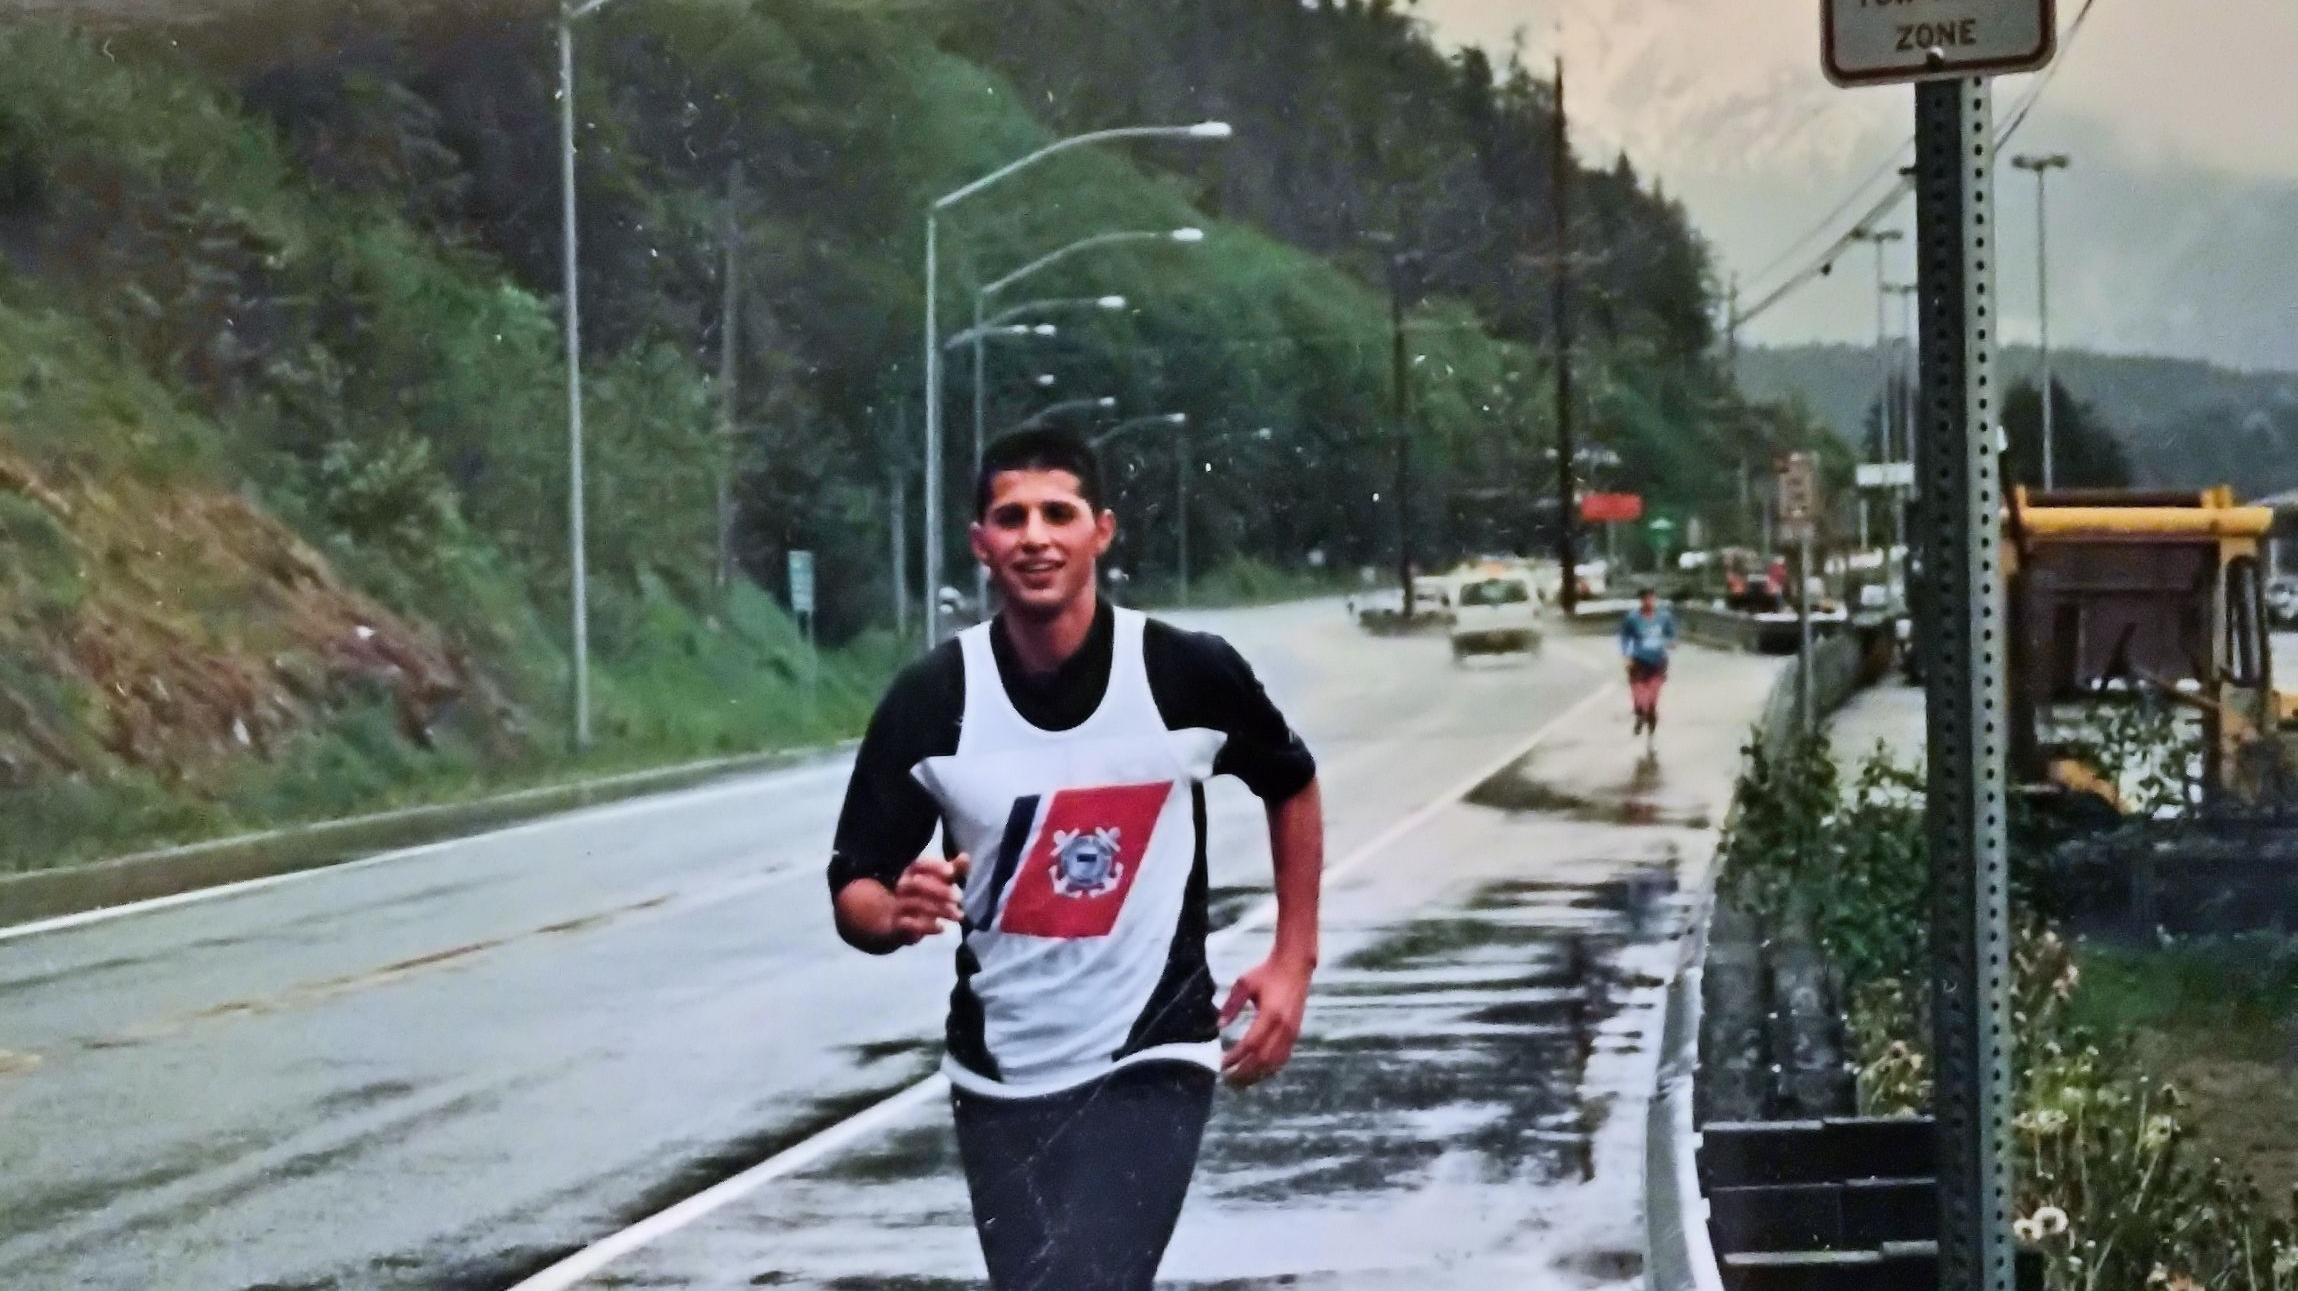 uscg runner2